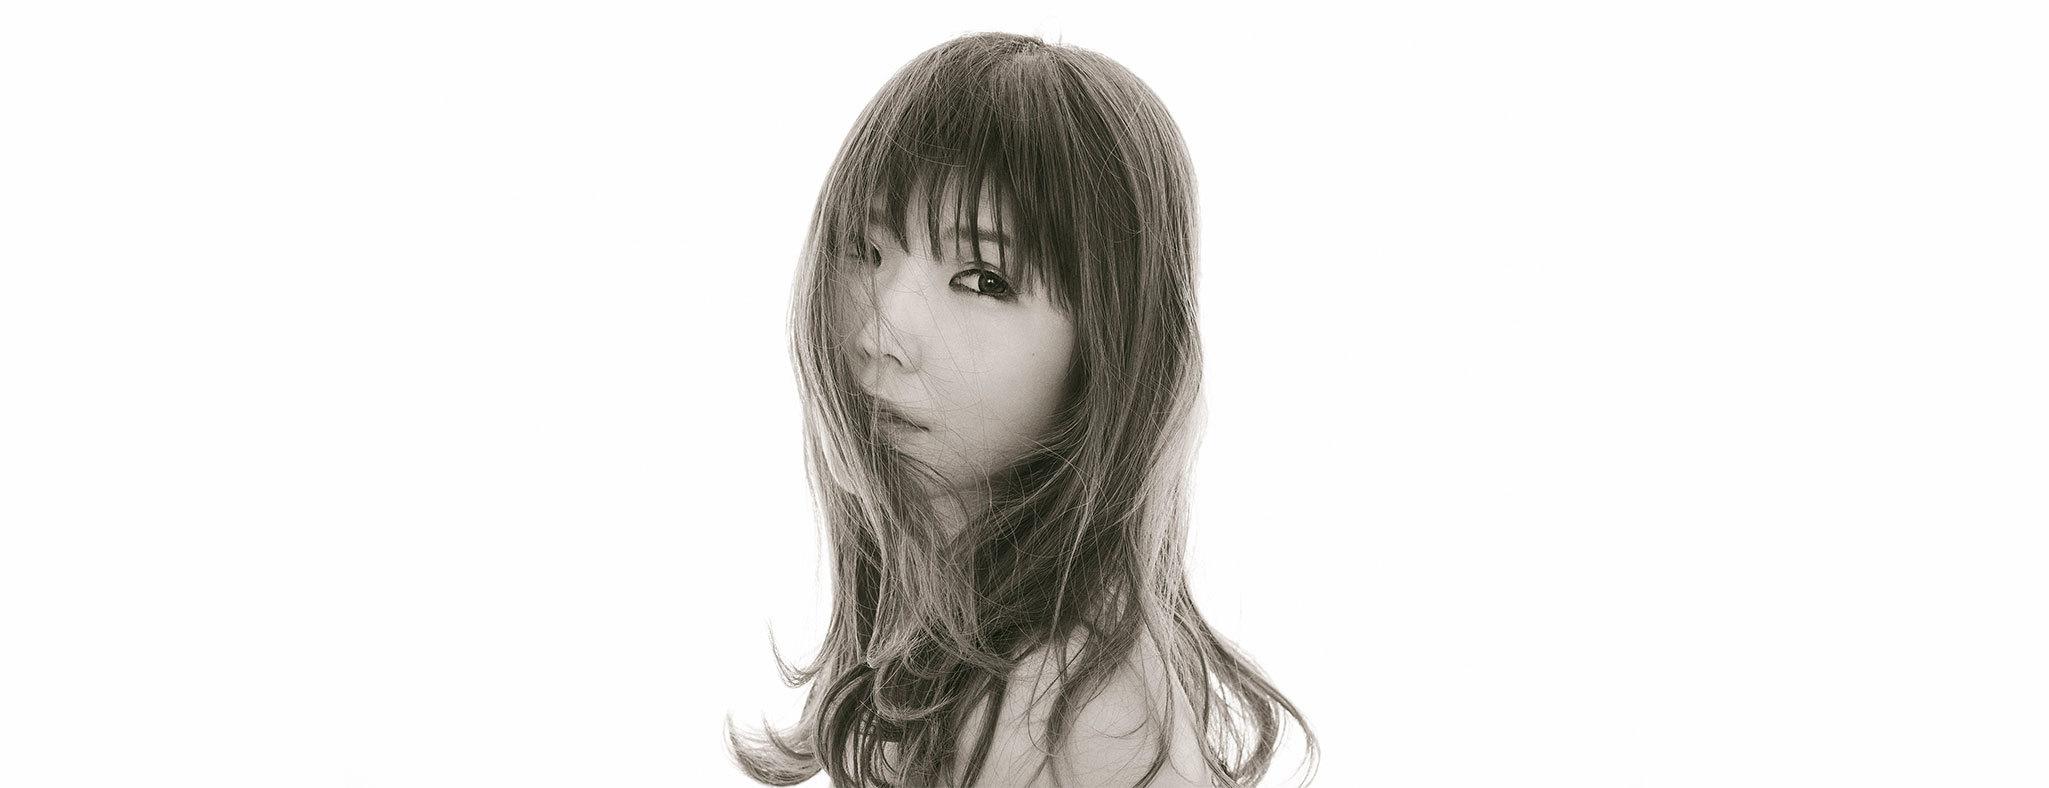 Top_image_chihiro